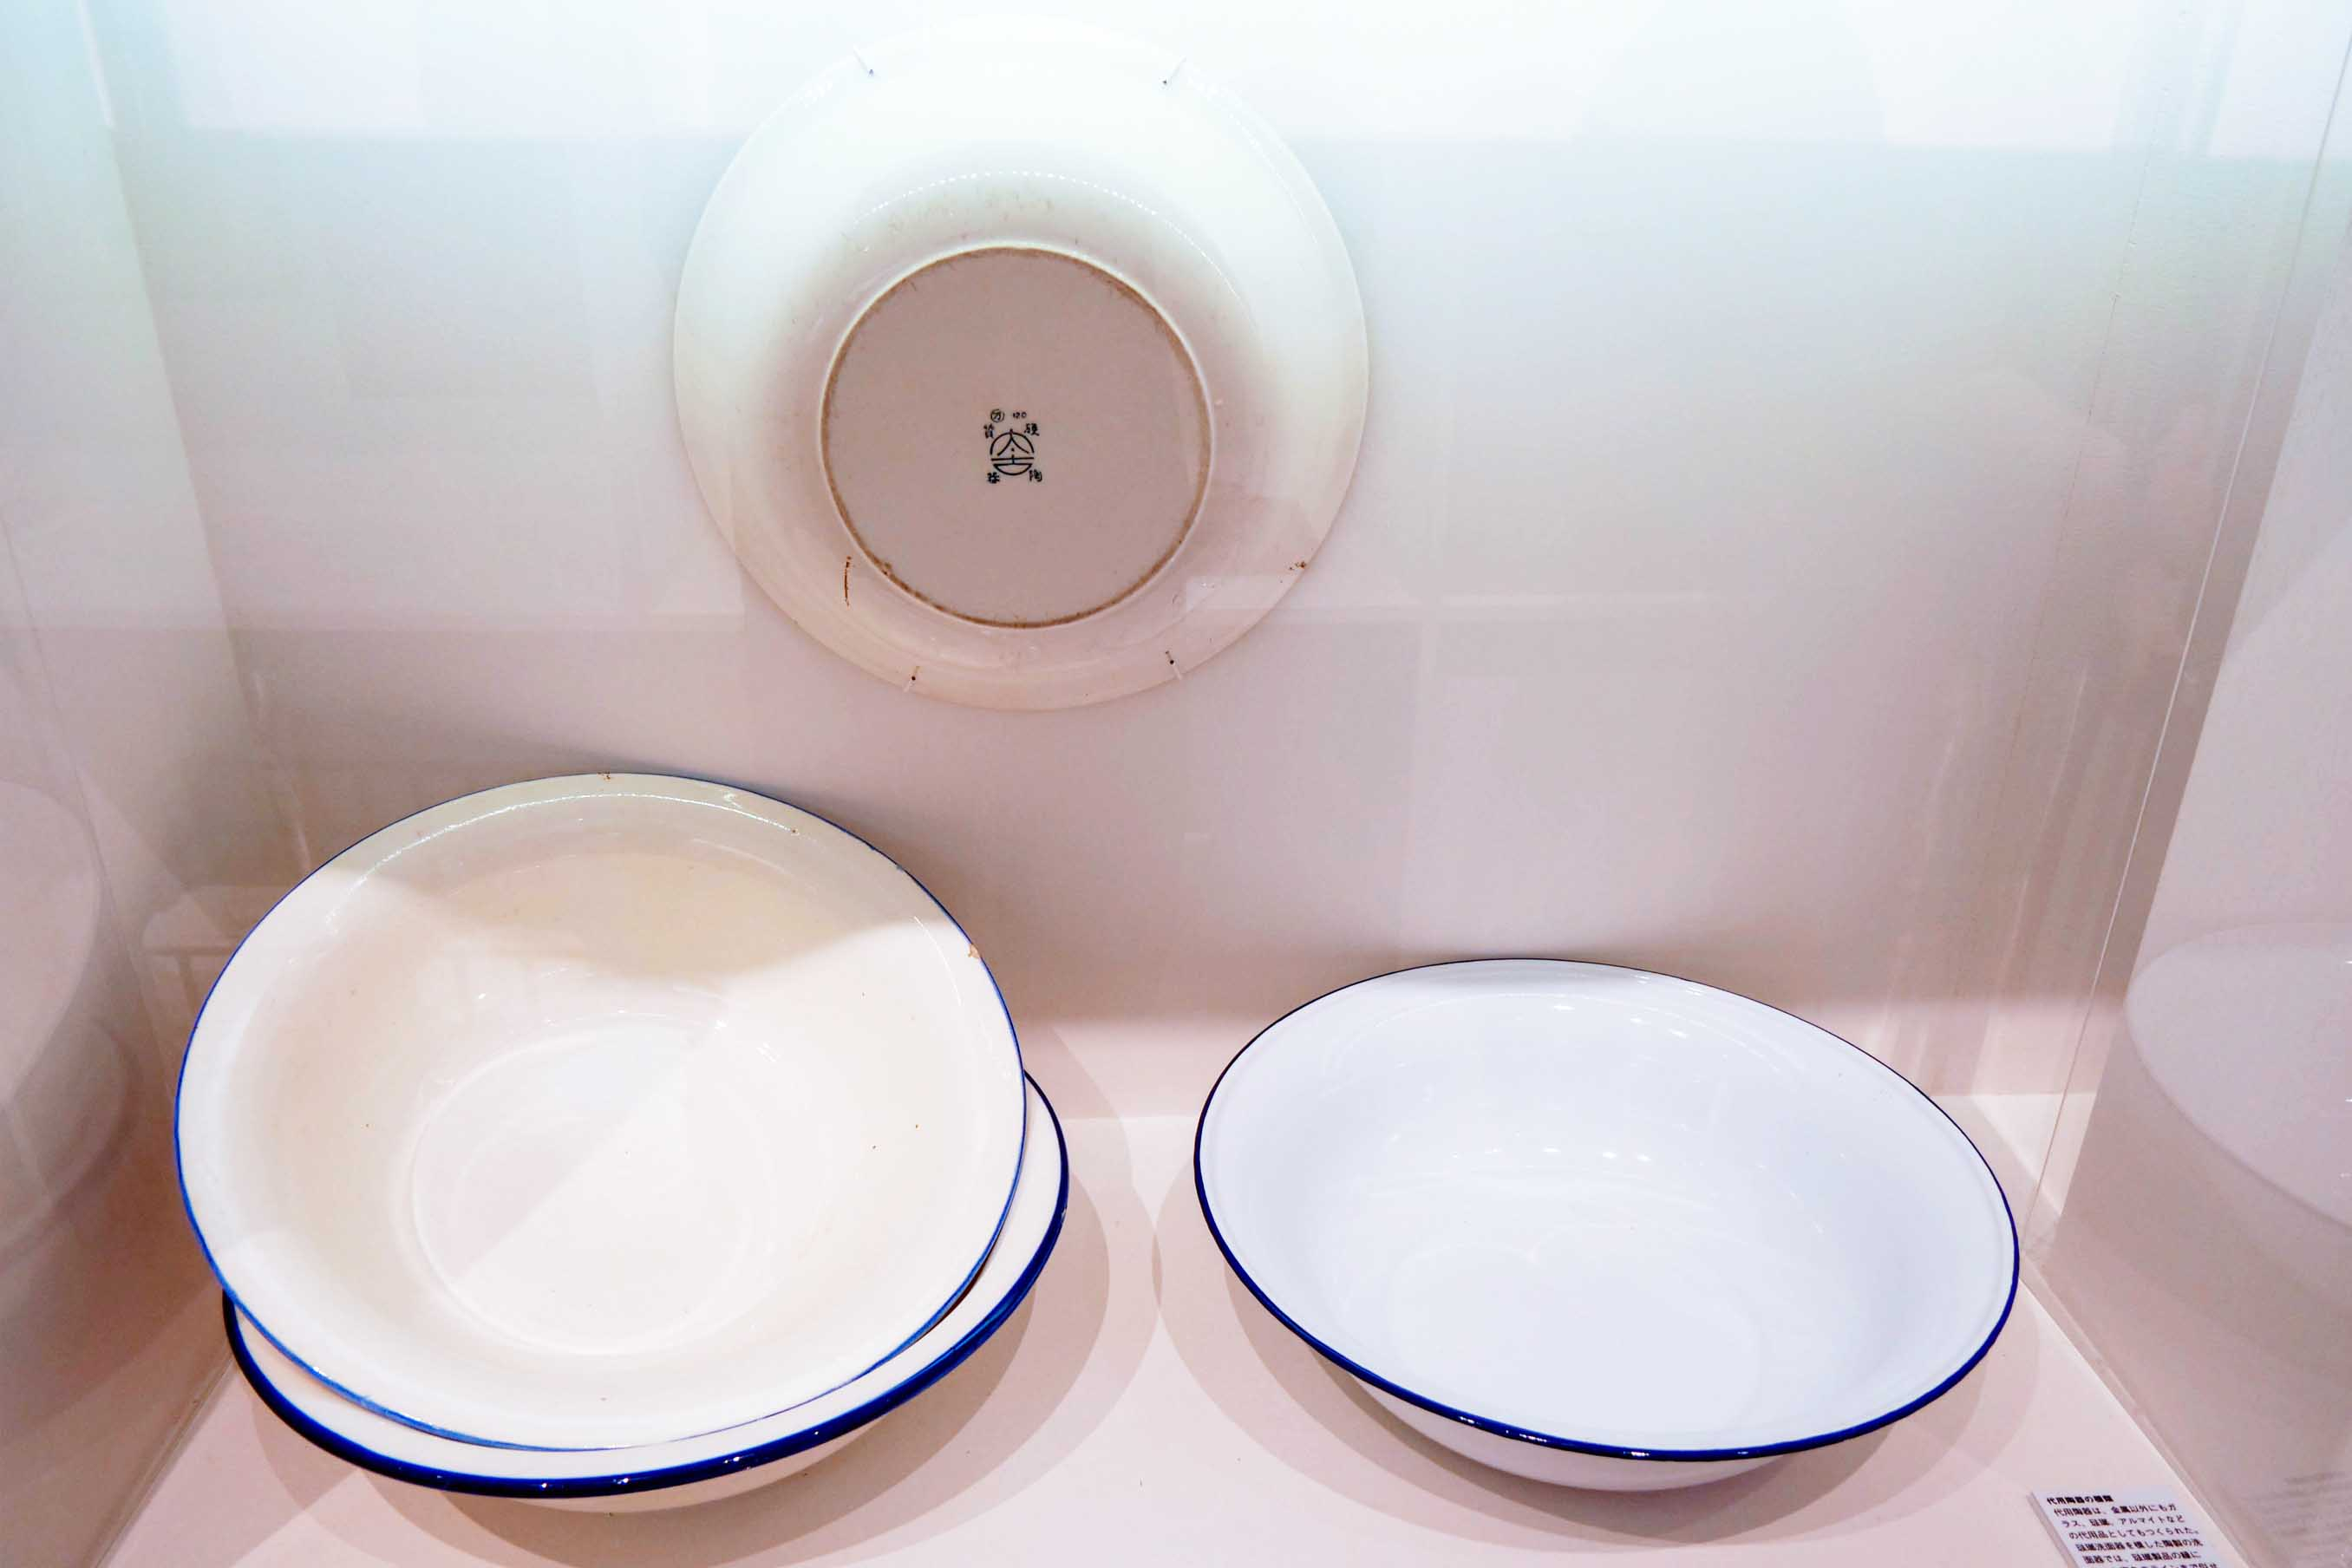 どちらが琺瑯か迷うほど似せて造られた洗面器